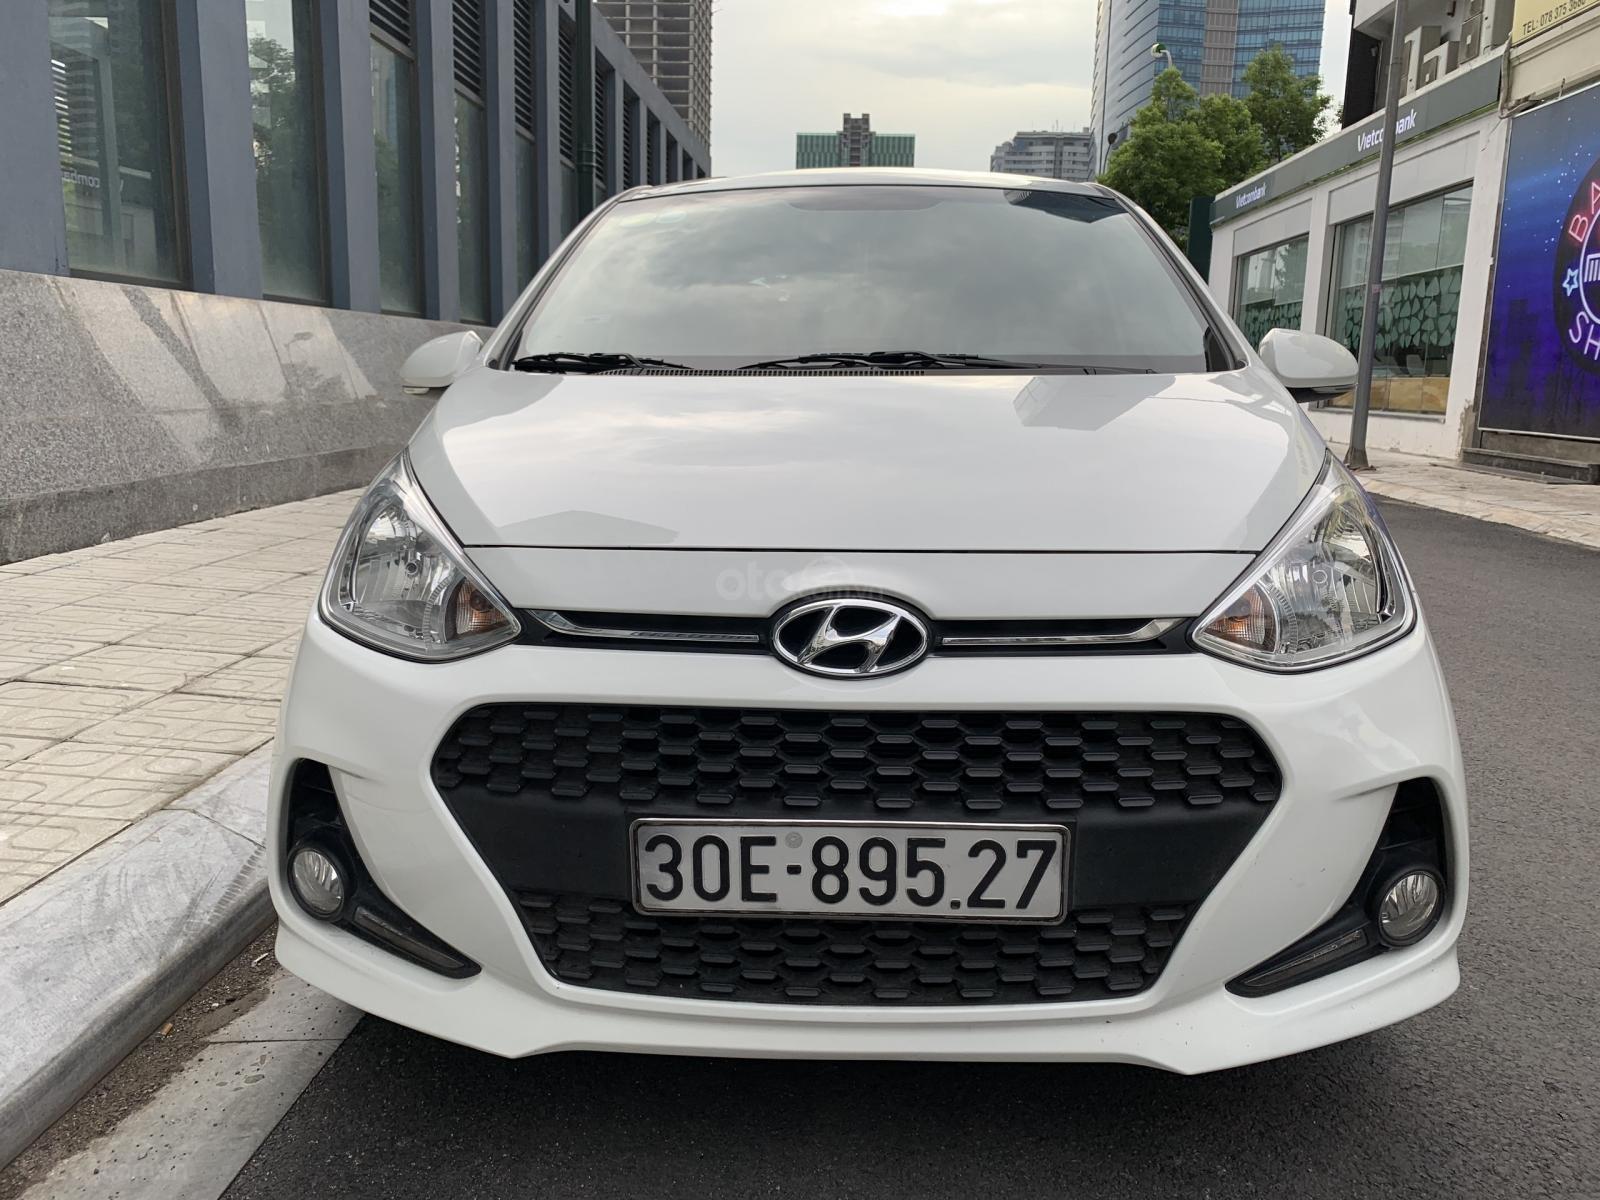 Cần bán xe Hyundai Grand i10 1.2AT Hatchback sản xuất 2017, màu trắng, nhập khẩu nguyên chiếc, 390tr (3)